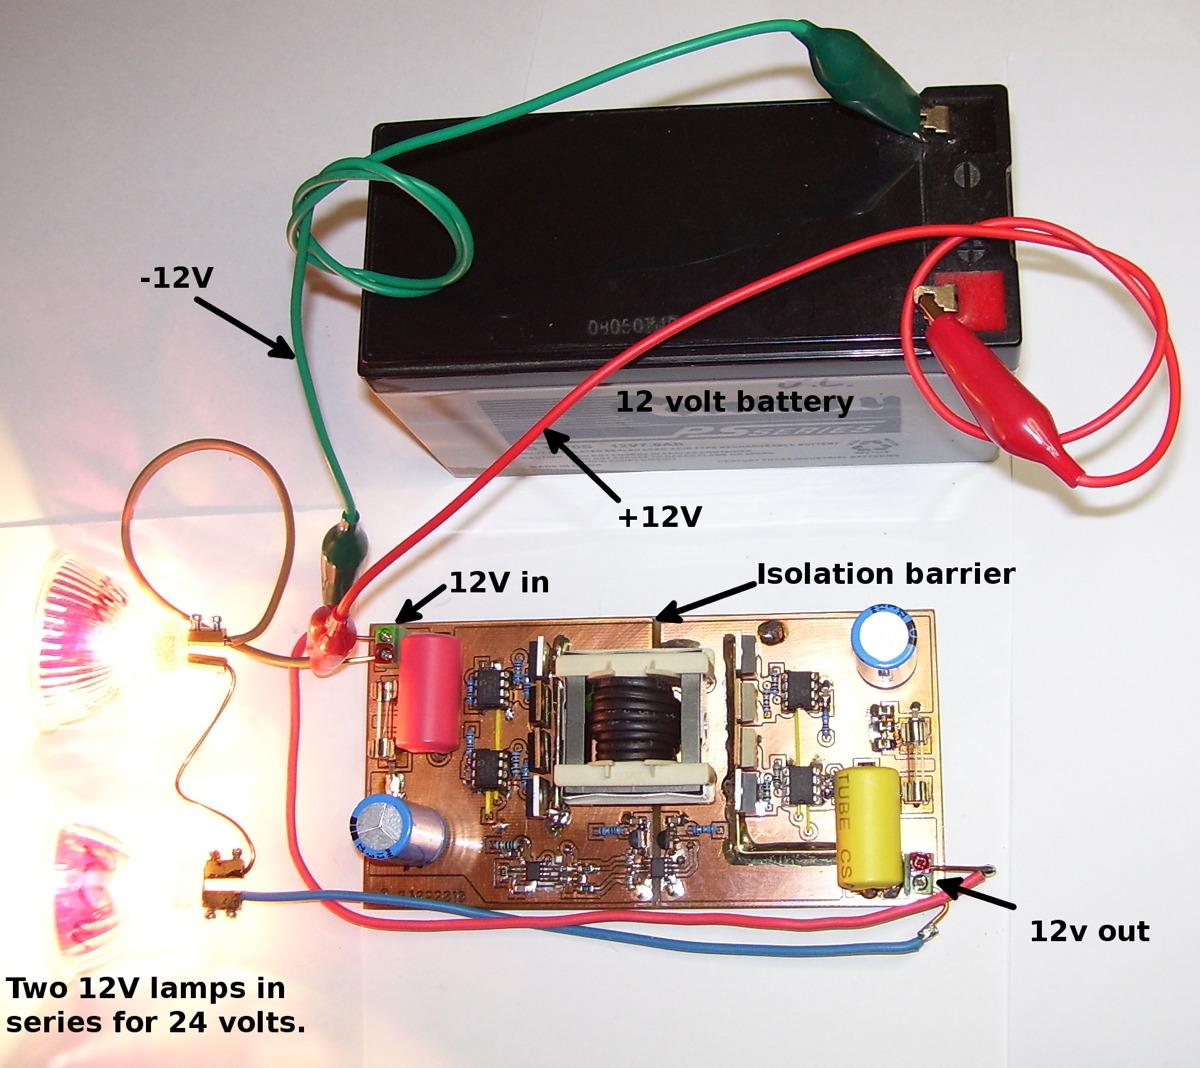 120 To 12 Volt Transformer Wiring Schematic Diagrams 110 Diagram Ac Wire Center U2022